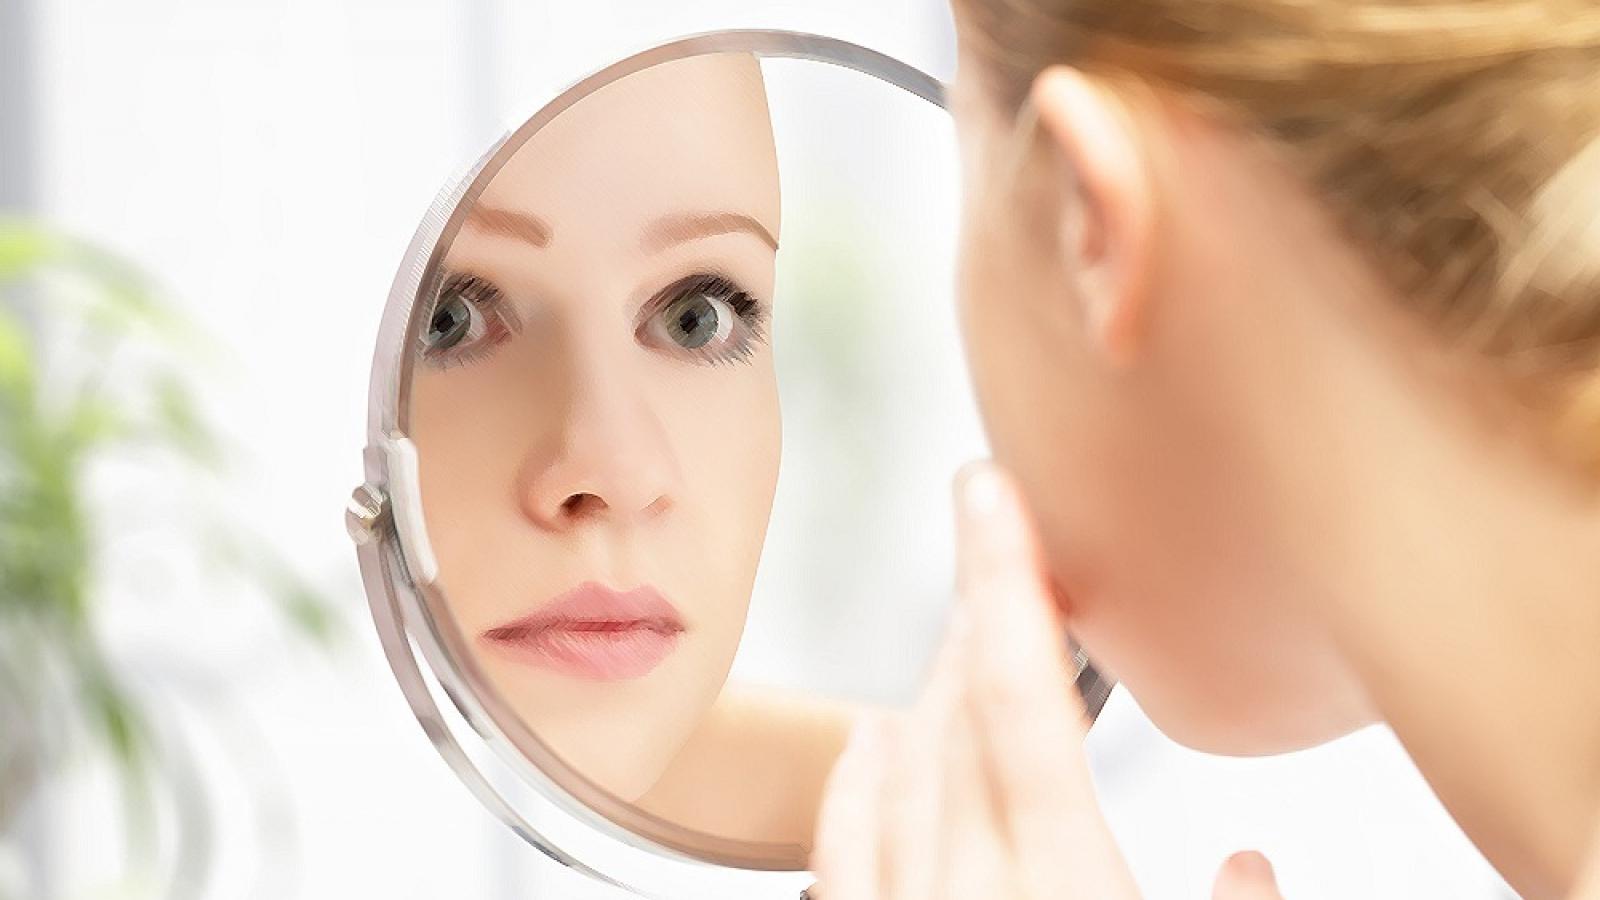 clinica de cirurgia plastica em santos dra ana lucia lemos rinoplastia nariz